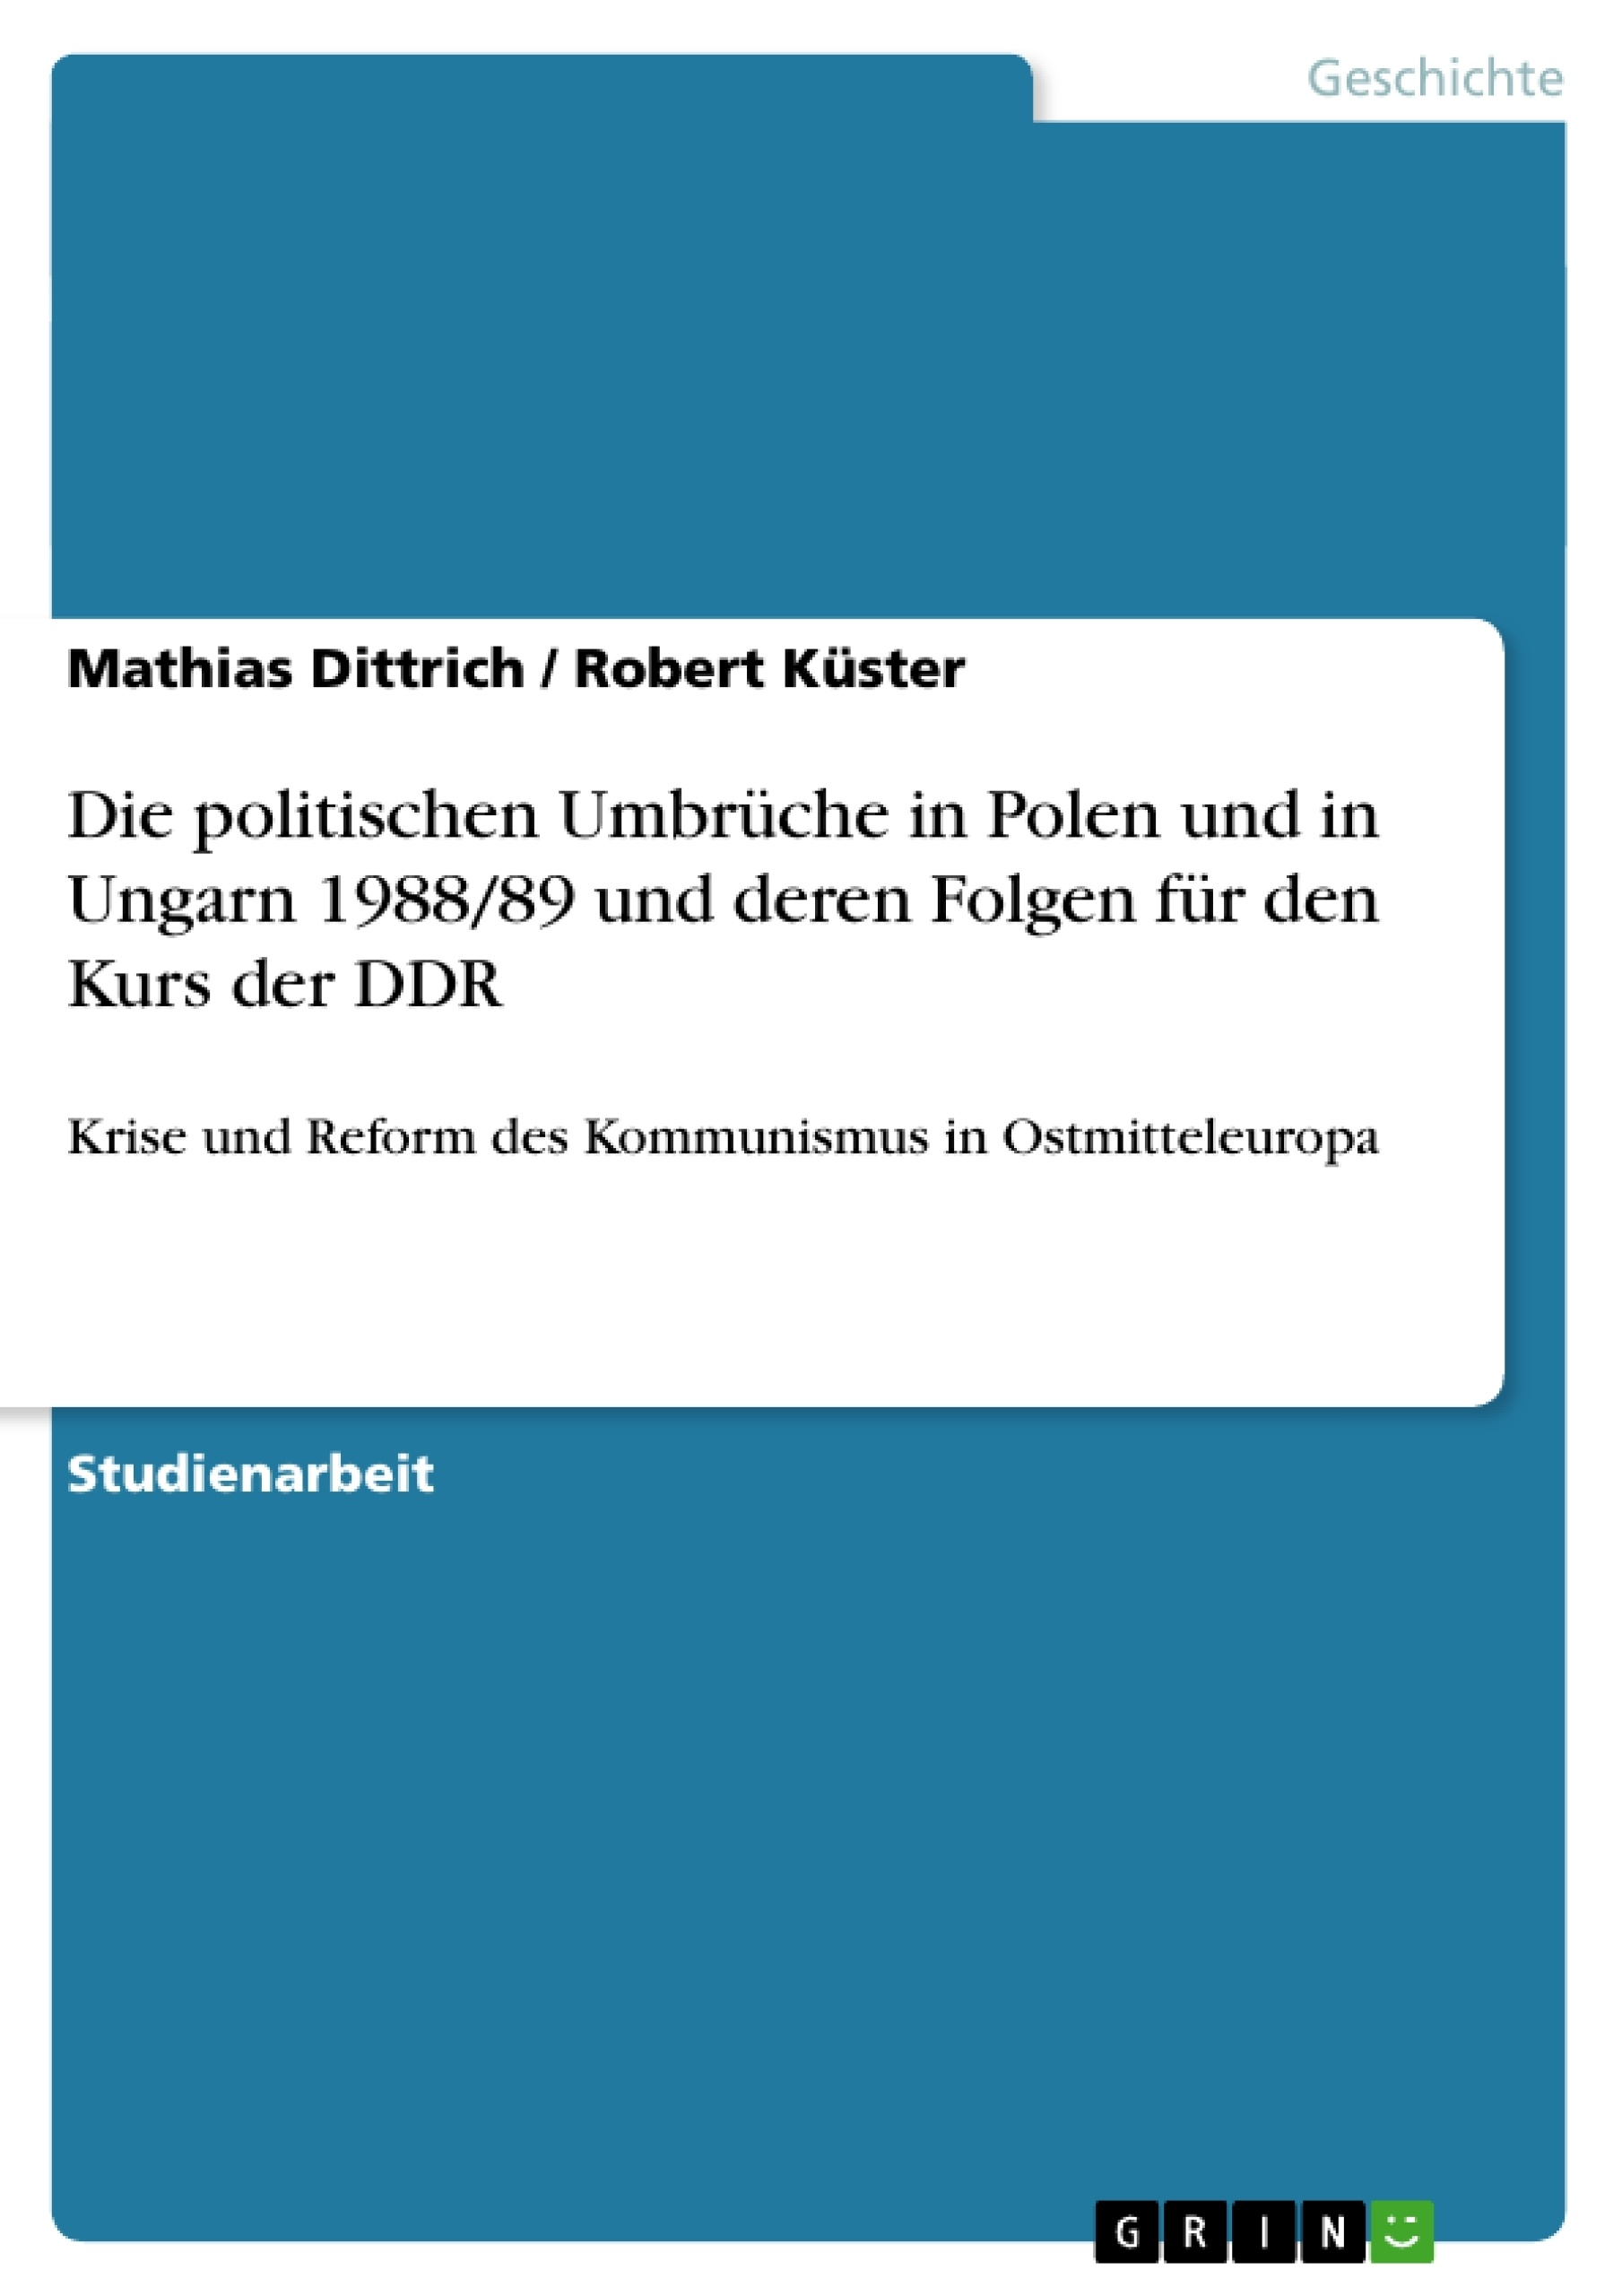 Titel: Die politischen Umbrüche in Polen und in Ungarn 1988/89  und deren Folgen für den Kurs der DDR